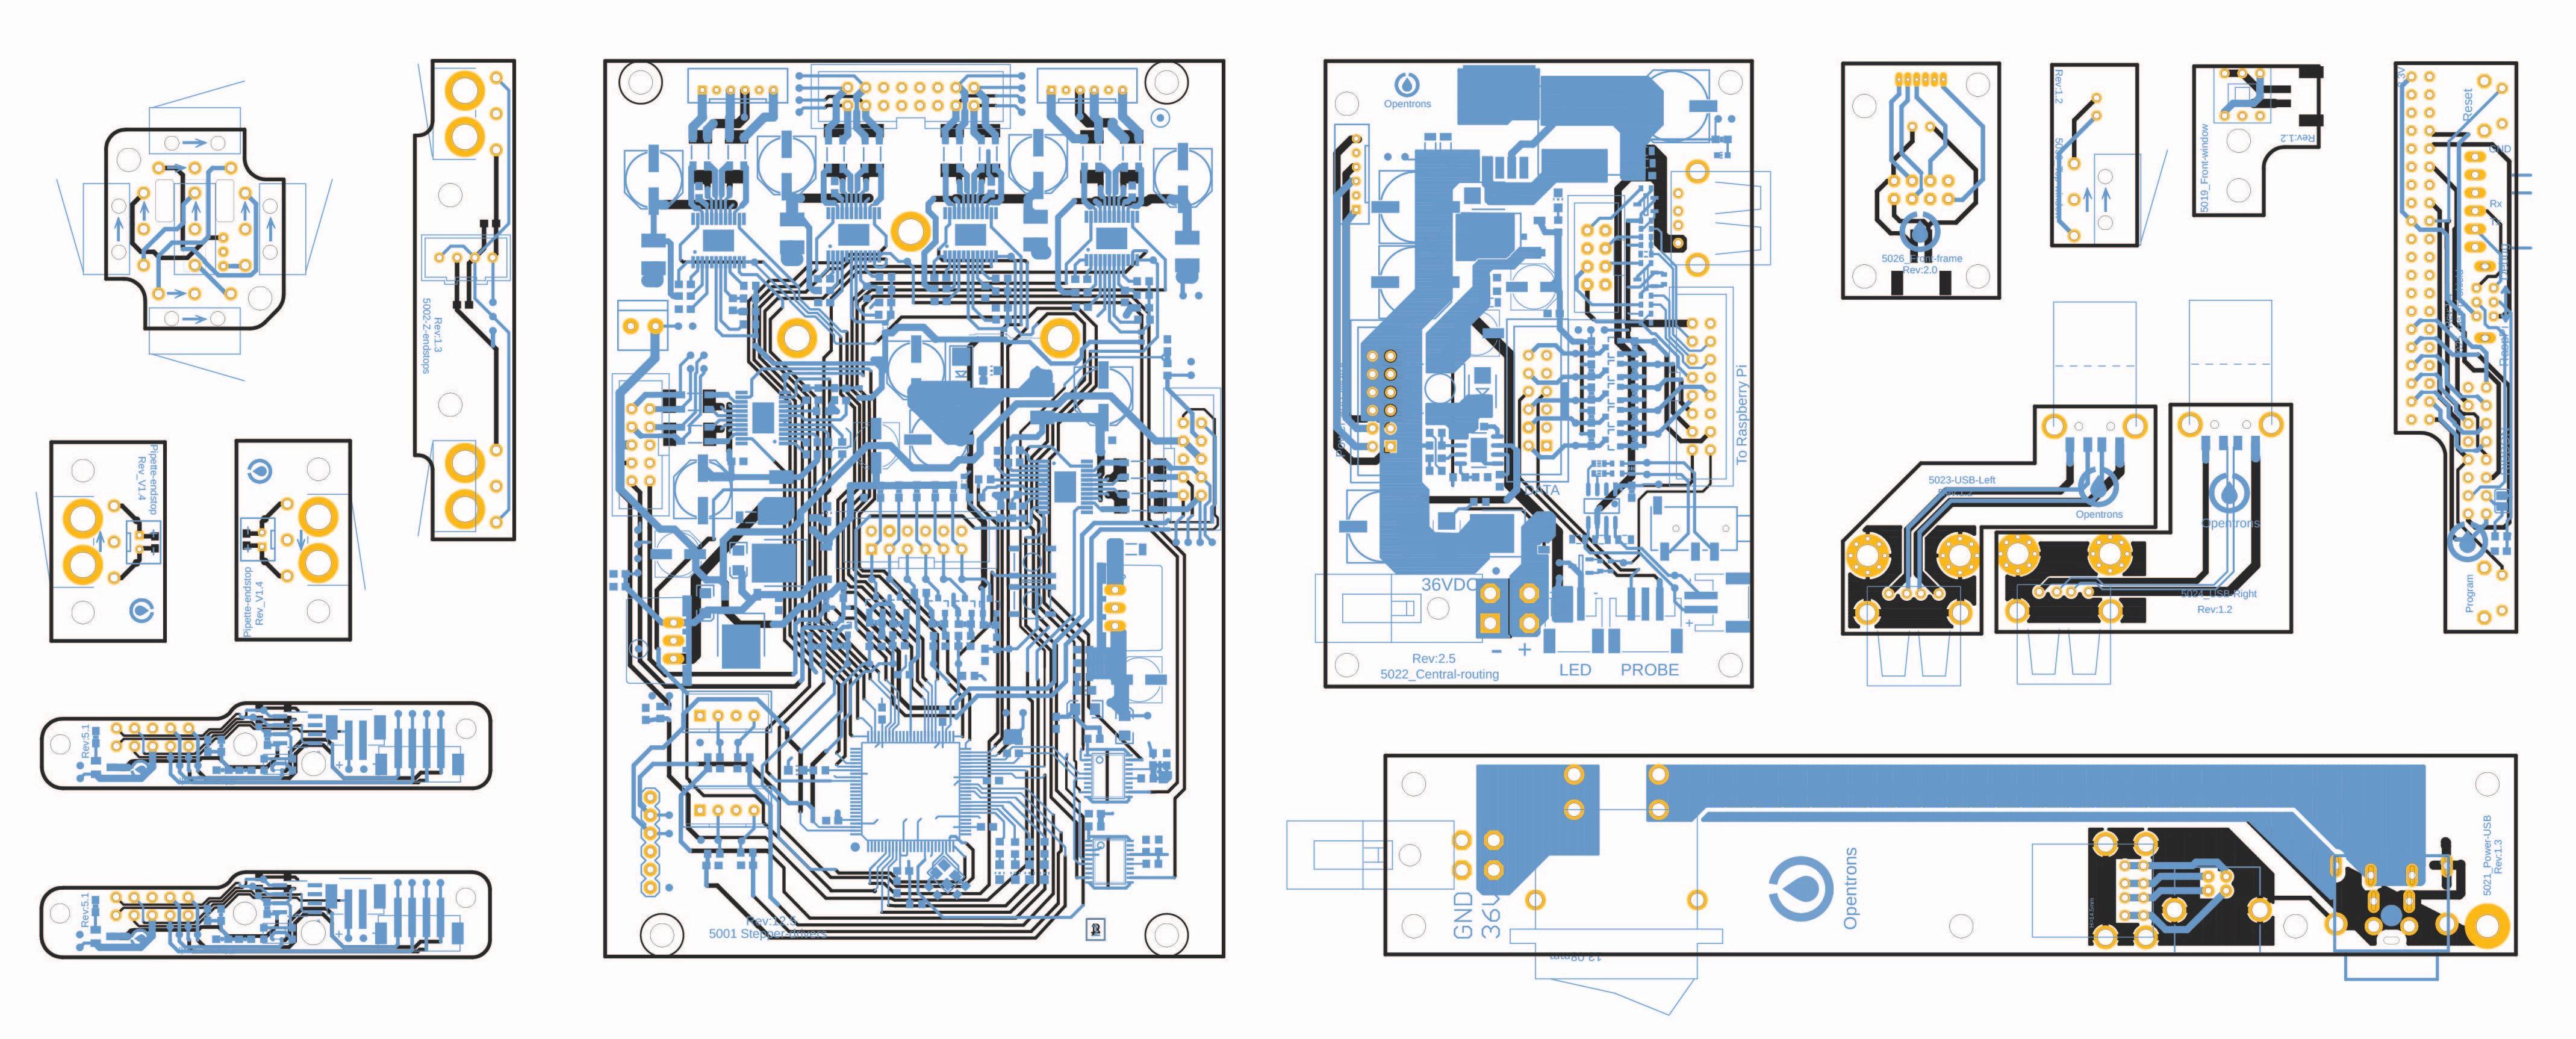 OT2 Electronics